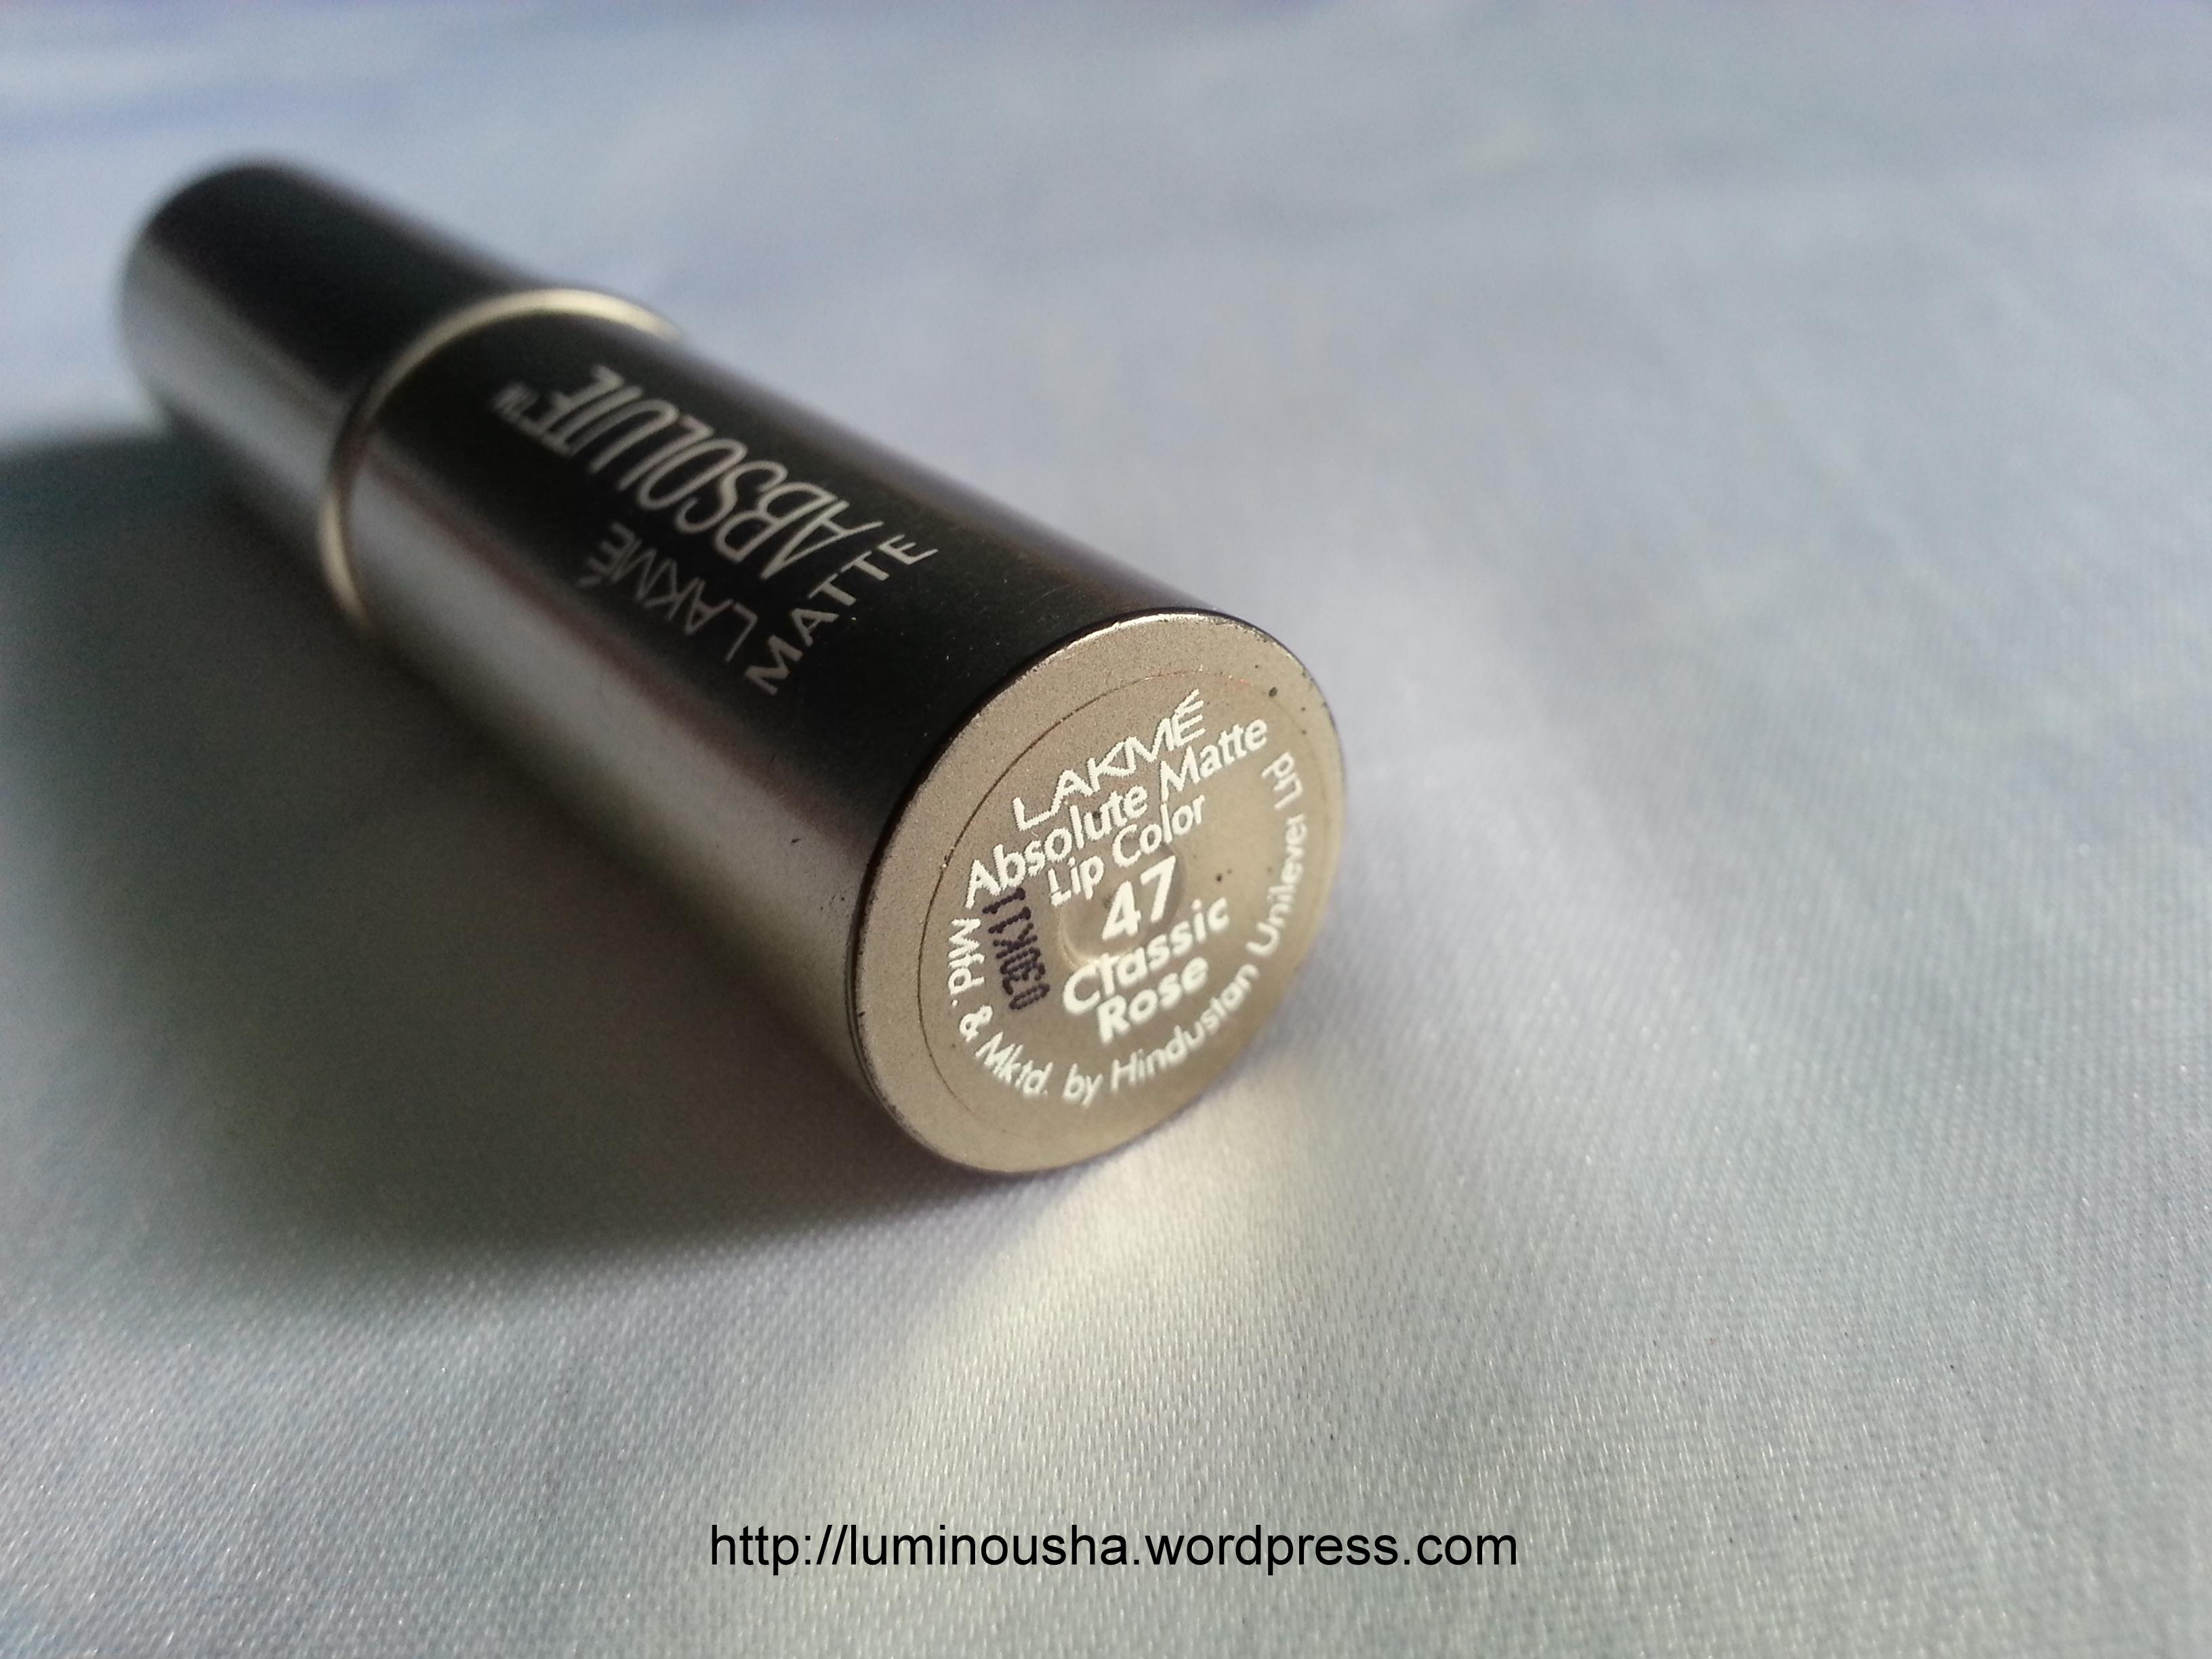 Luminousha Beauty Blog: Lakme Absolute Matte lipstick in ...